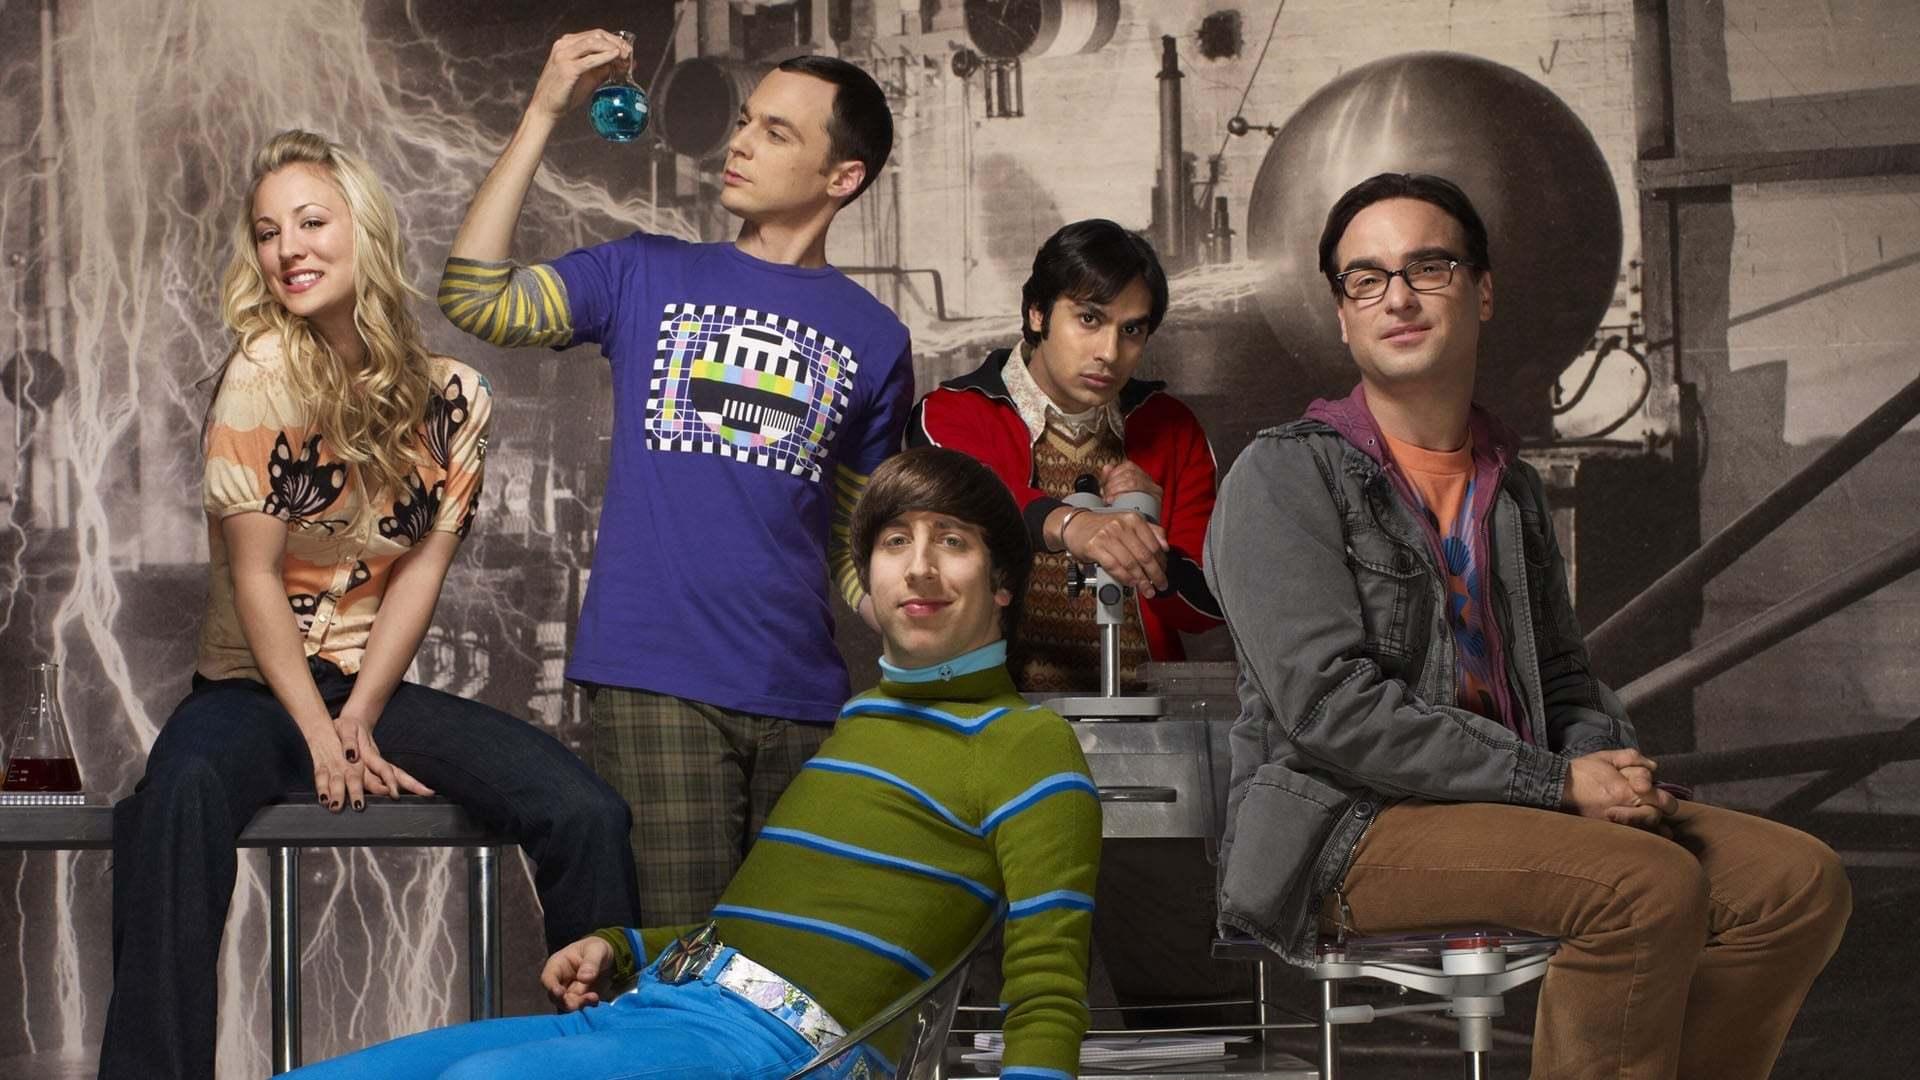 Кадры из фильма Теория большого взрыва The Big Bang Theory 2007